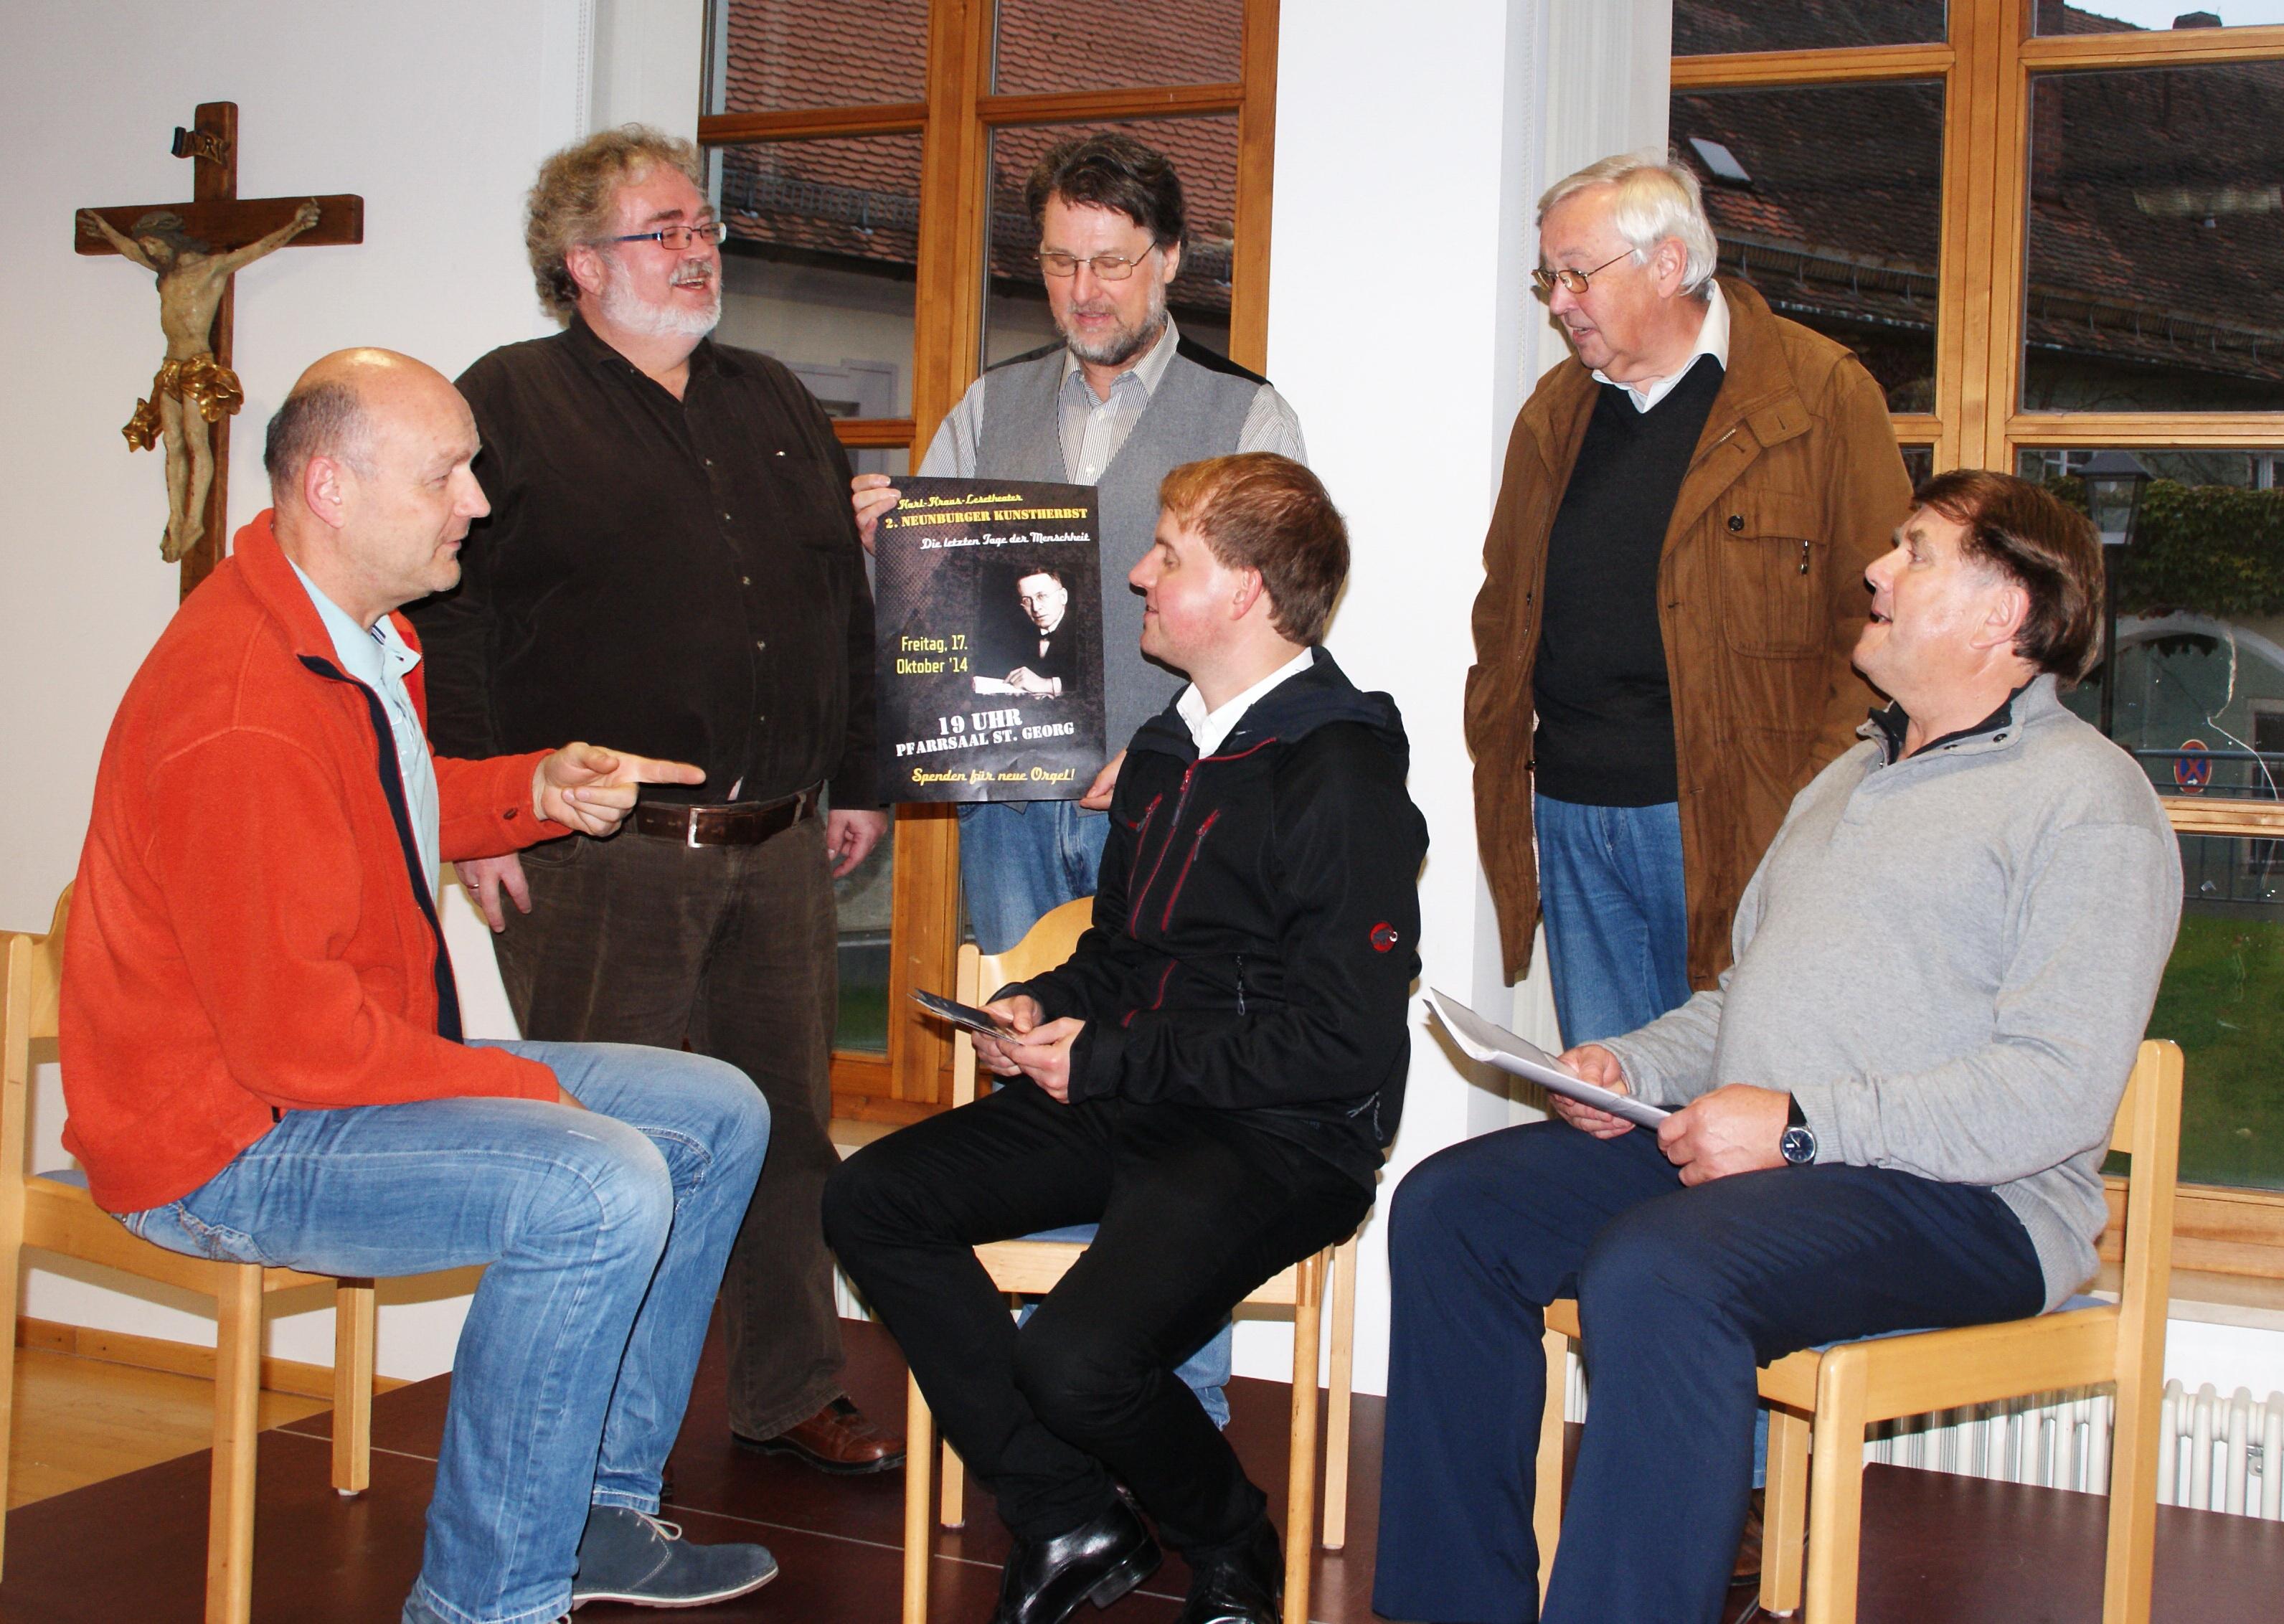 """Gerüstet für die Lesetheater-Premiere """"Die letzten Tage der Menschheit"""" im Pfarrsaal (v.l.): Jürgen Zach (Gesang & Ton), Wolfgang Huber (""""Der Patriot""""), Karl Stumpfi (Erzähler), Pfarrer Stefan Wagner (Gastgeber), Peter Wilhelm (Bewirtung) und Wolfgang Süß (""""Der Optimist""""). Nicht auf dem Foto Ulrich Wabra (""""Der Nörgler""""). Foto: Alfred Grassmann"""